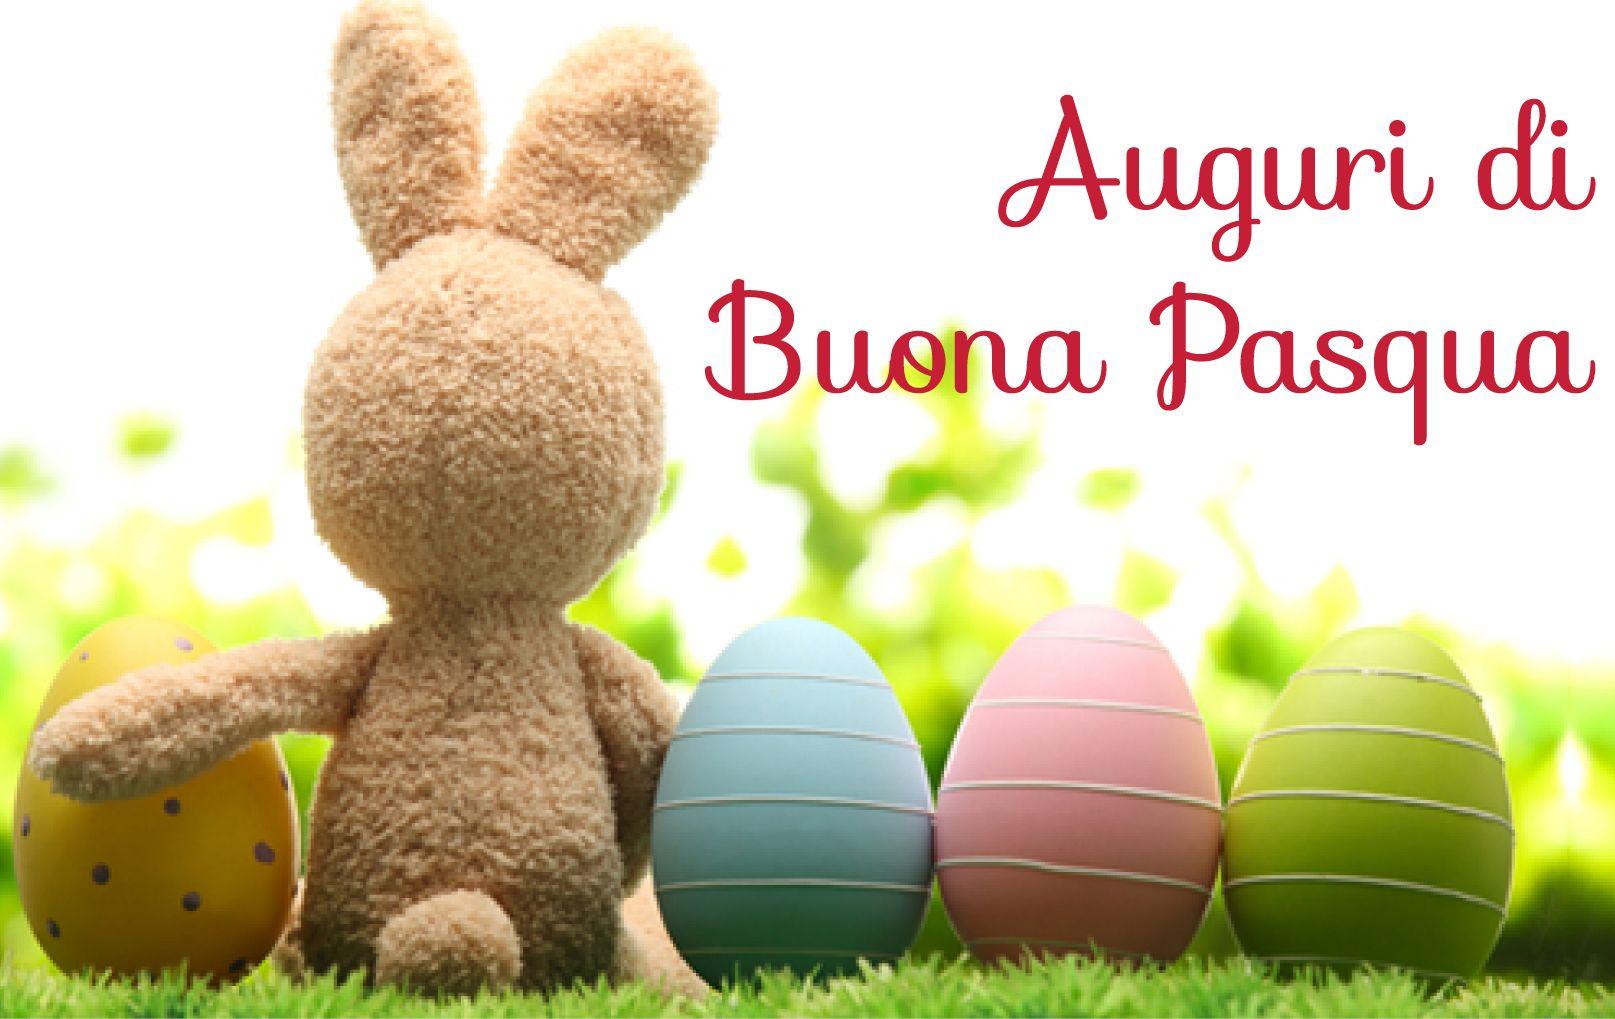 Buona Pasqua Auguri Divertenti E Originali Da Inviare Ad Amici E